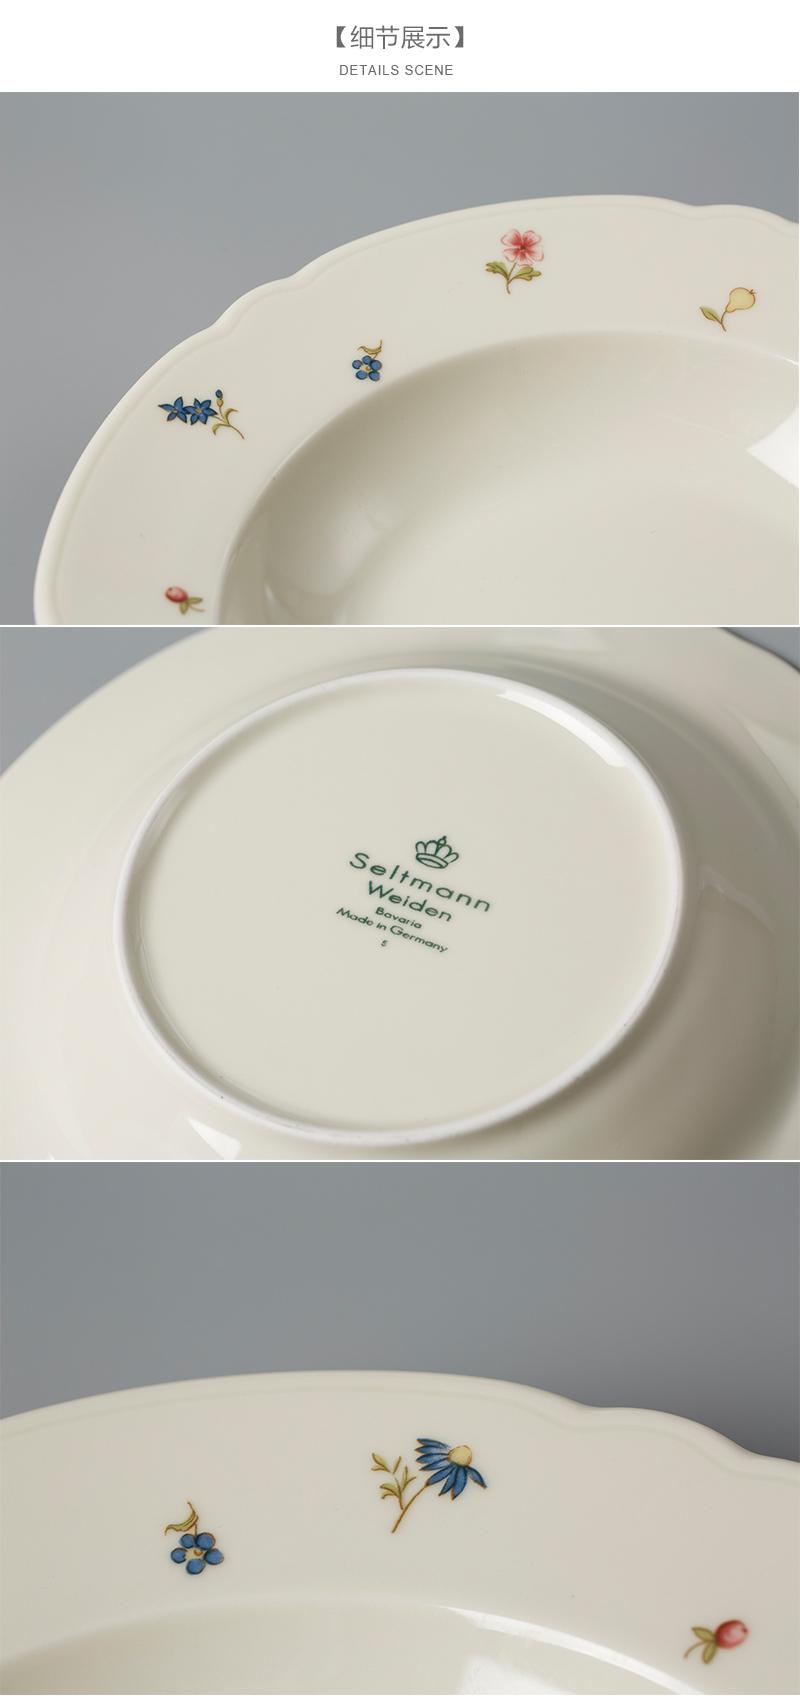 德国Seltmann Weiden陶瓷汤盘清新淡雅的彩色小花系列细节展示